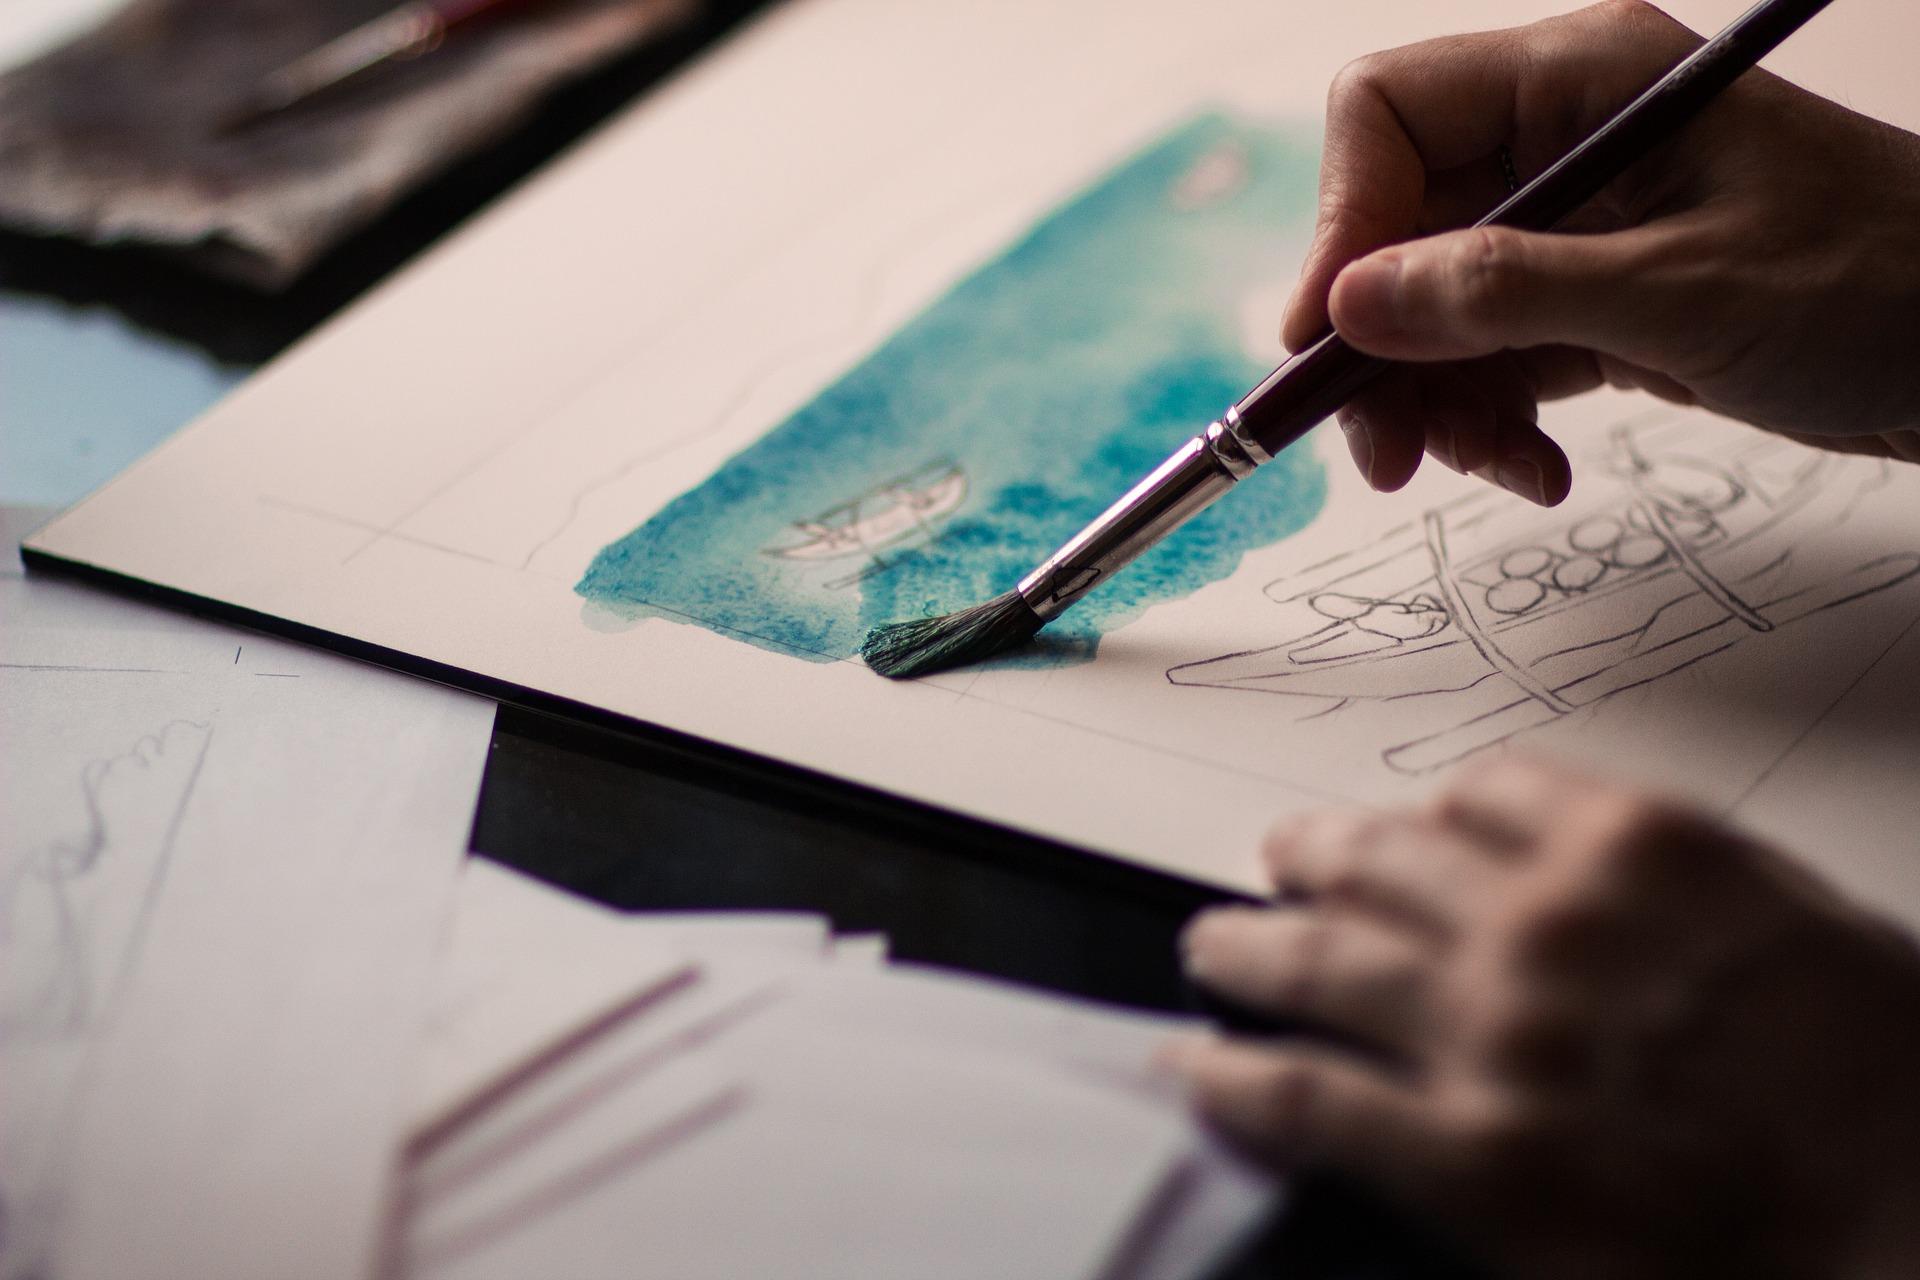 紙に筆で色を塗っている手元